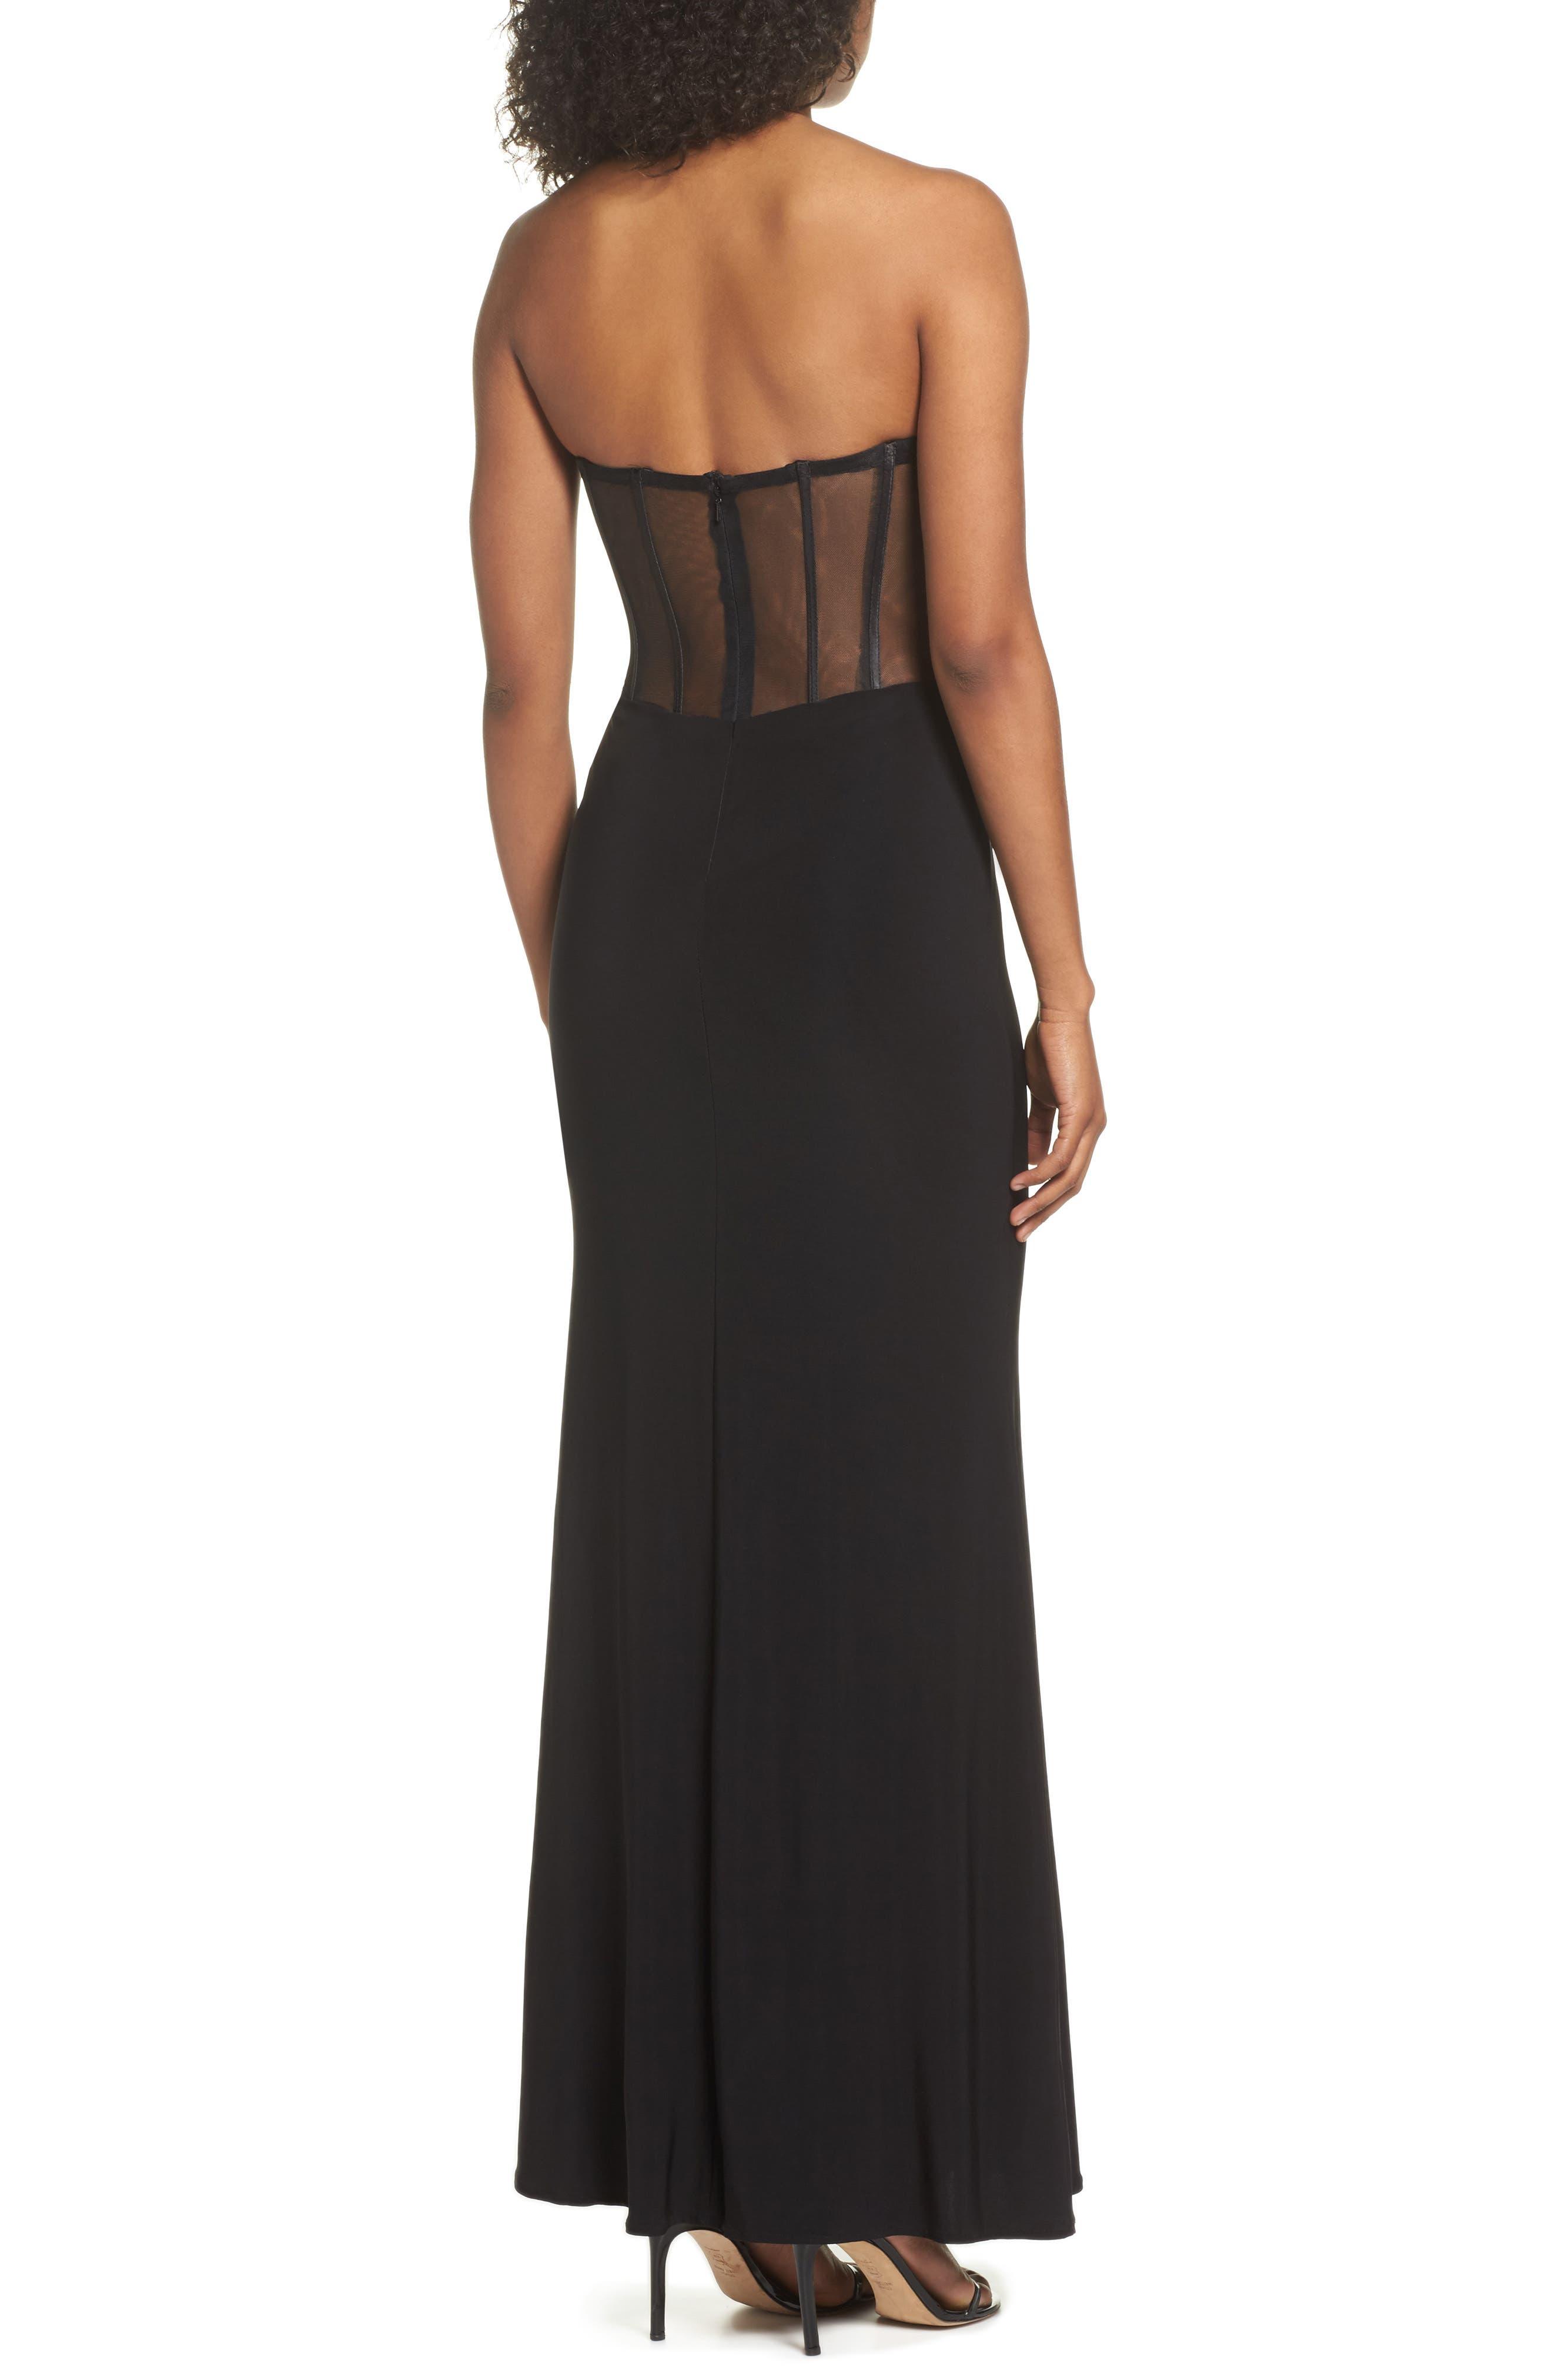 BLONDIE NITES,                             Appliqué Strapless Bustier Gown,                             Alternate thumbnail 2, color,                             015